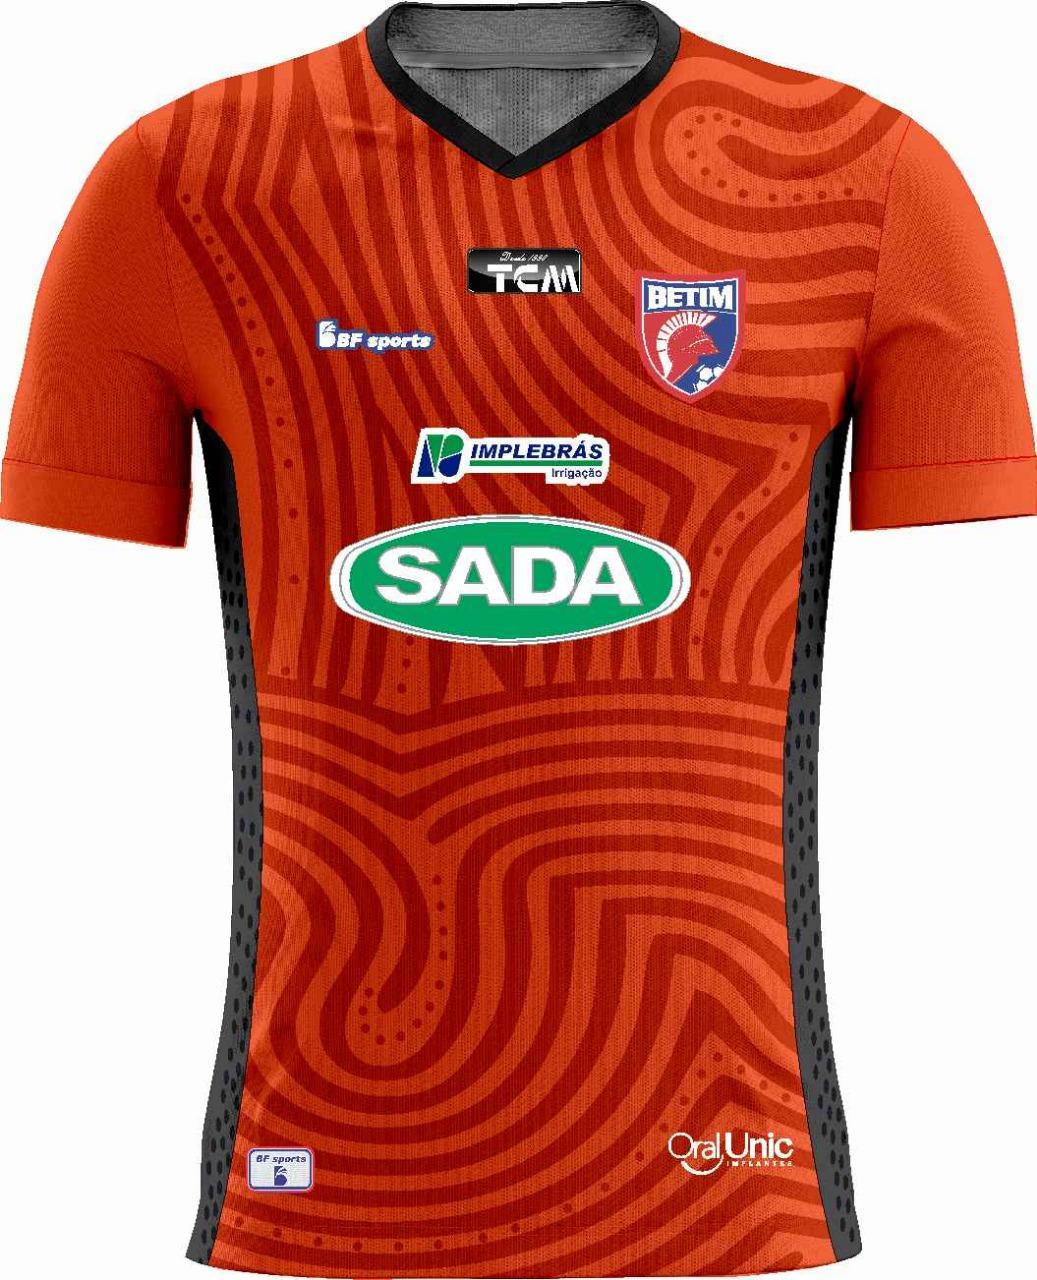 Camisa Of. Betim Futebol Mod2 GOLEIRO Infantil 2021